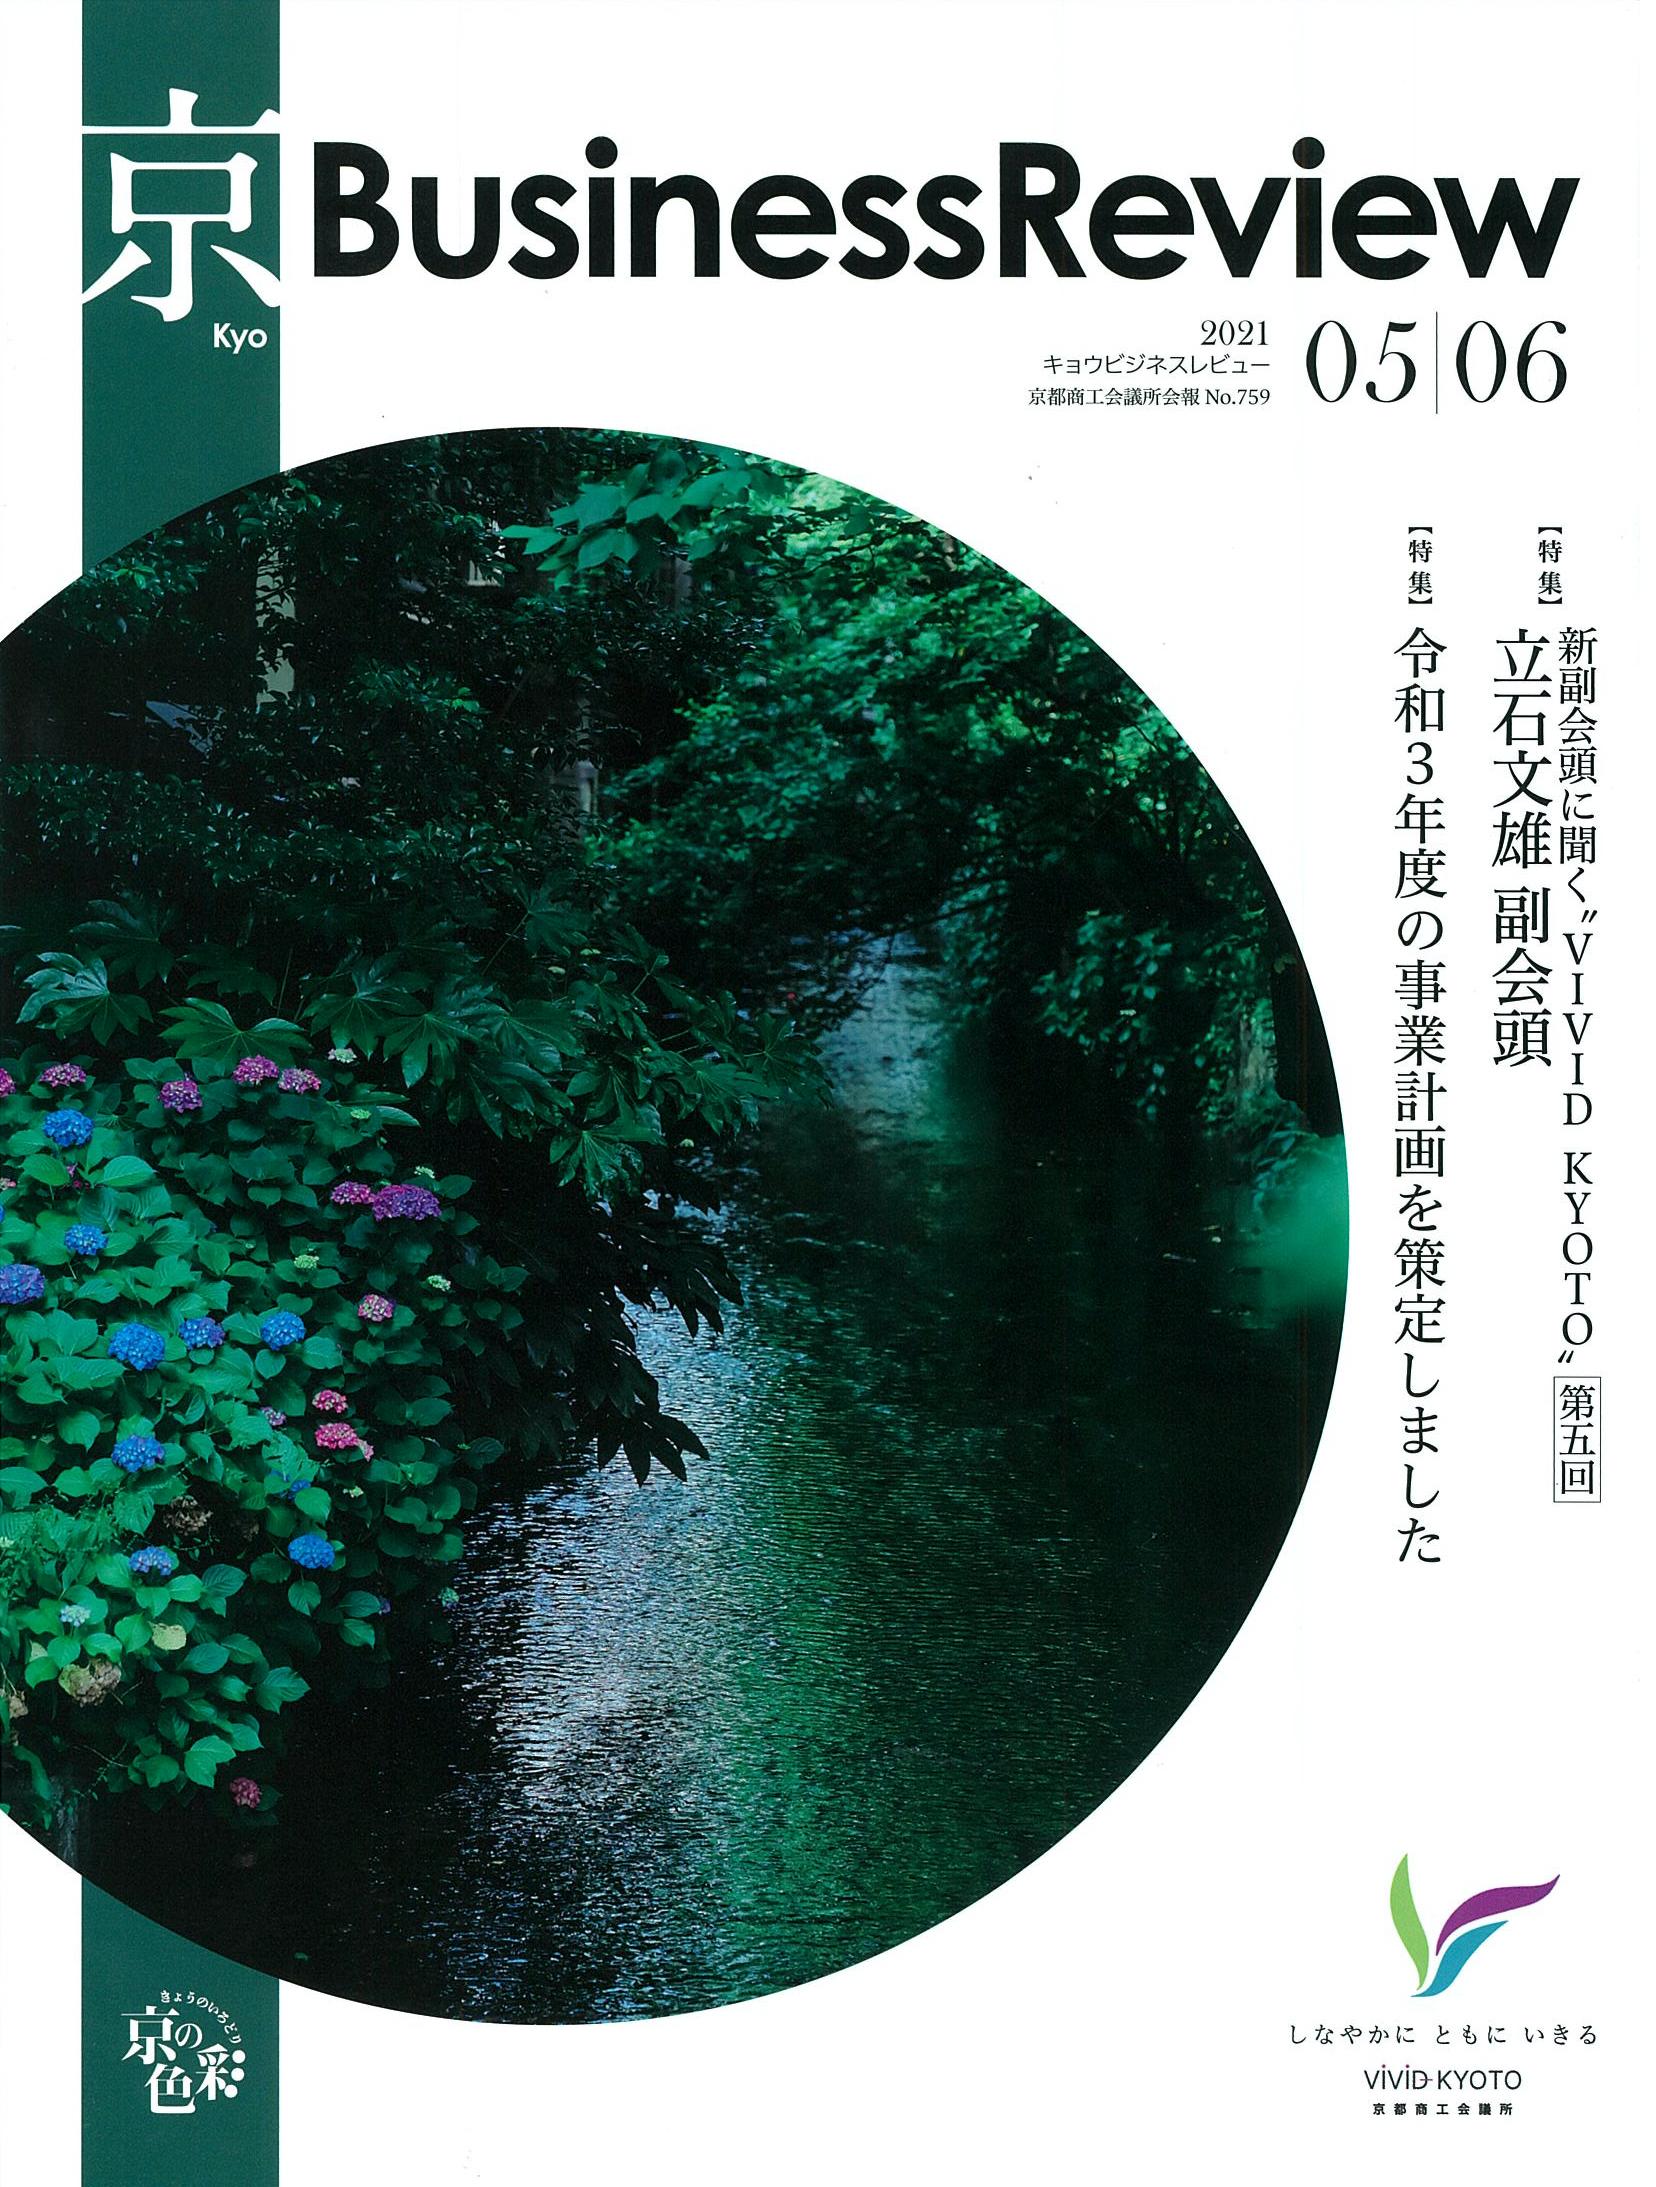 「京 Business Review」2021年05/06月号